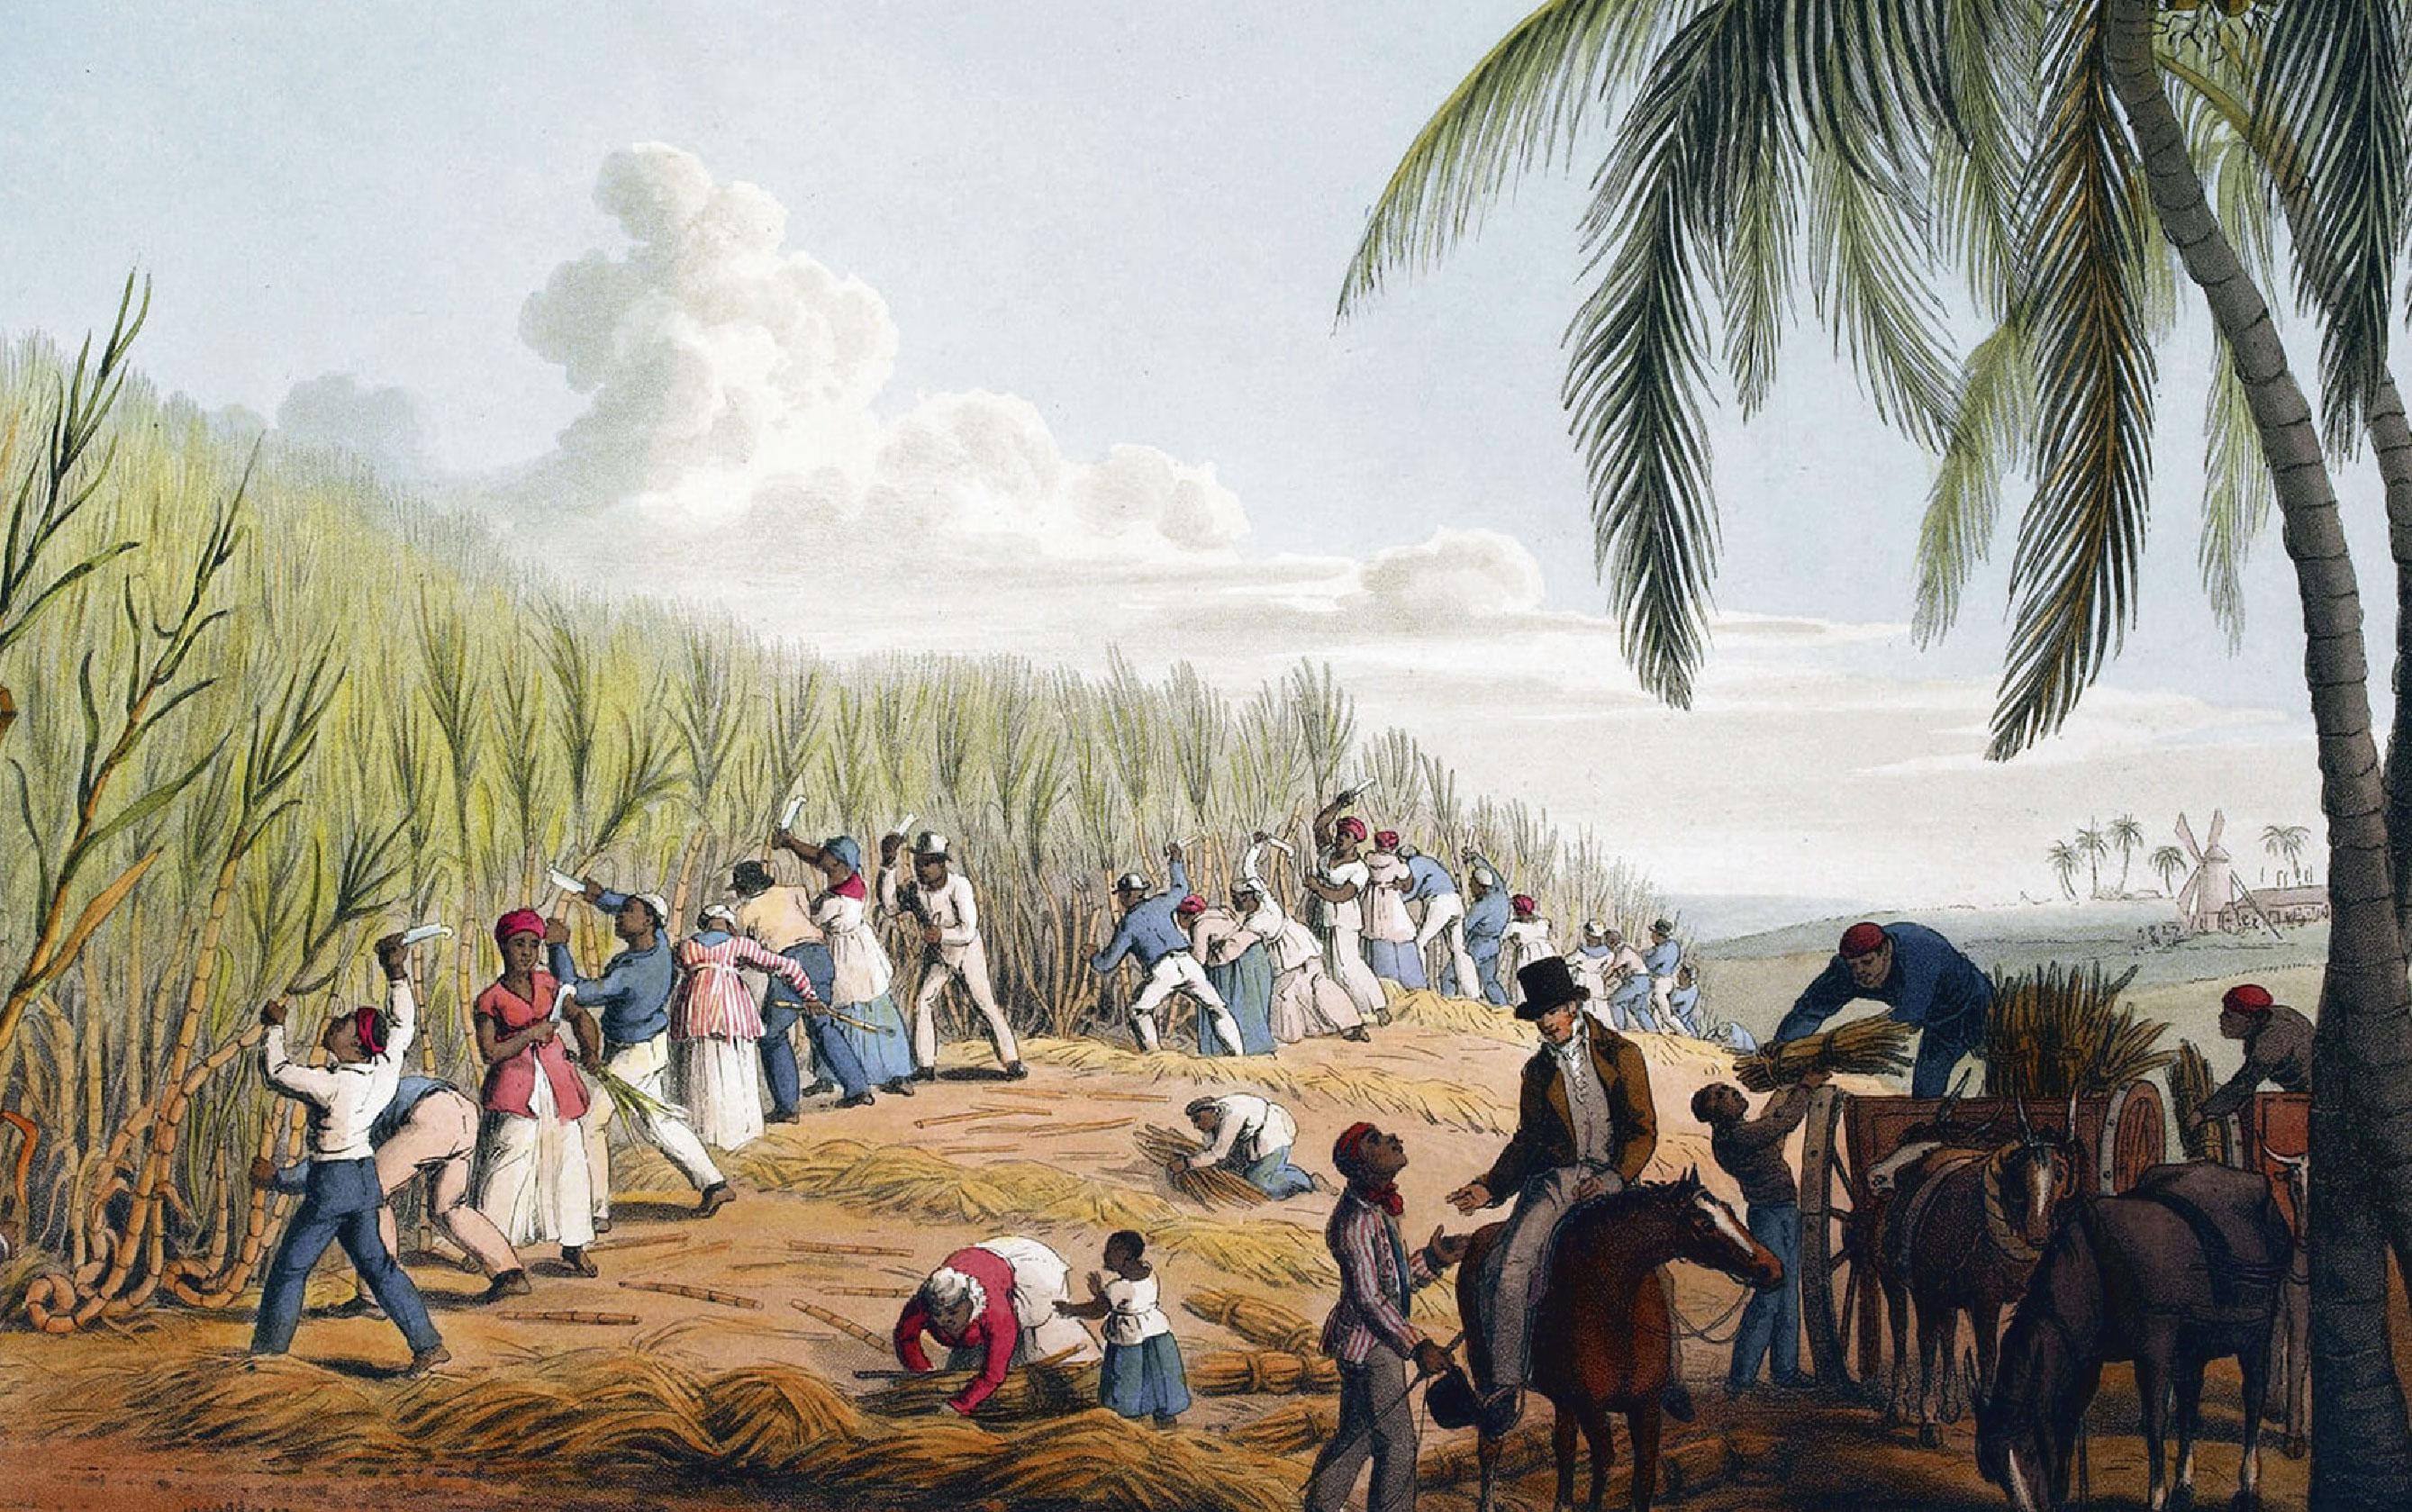 Charla sobre National Geographic y el Caribe en Recinto Sede IVEC